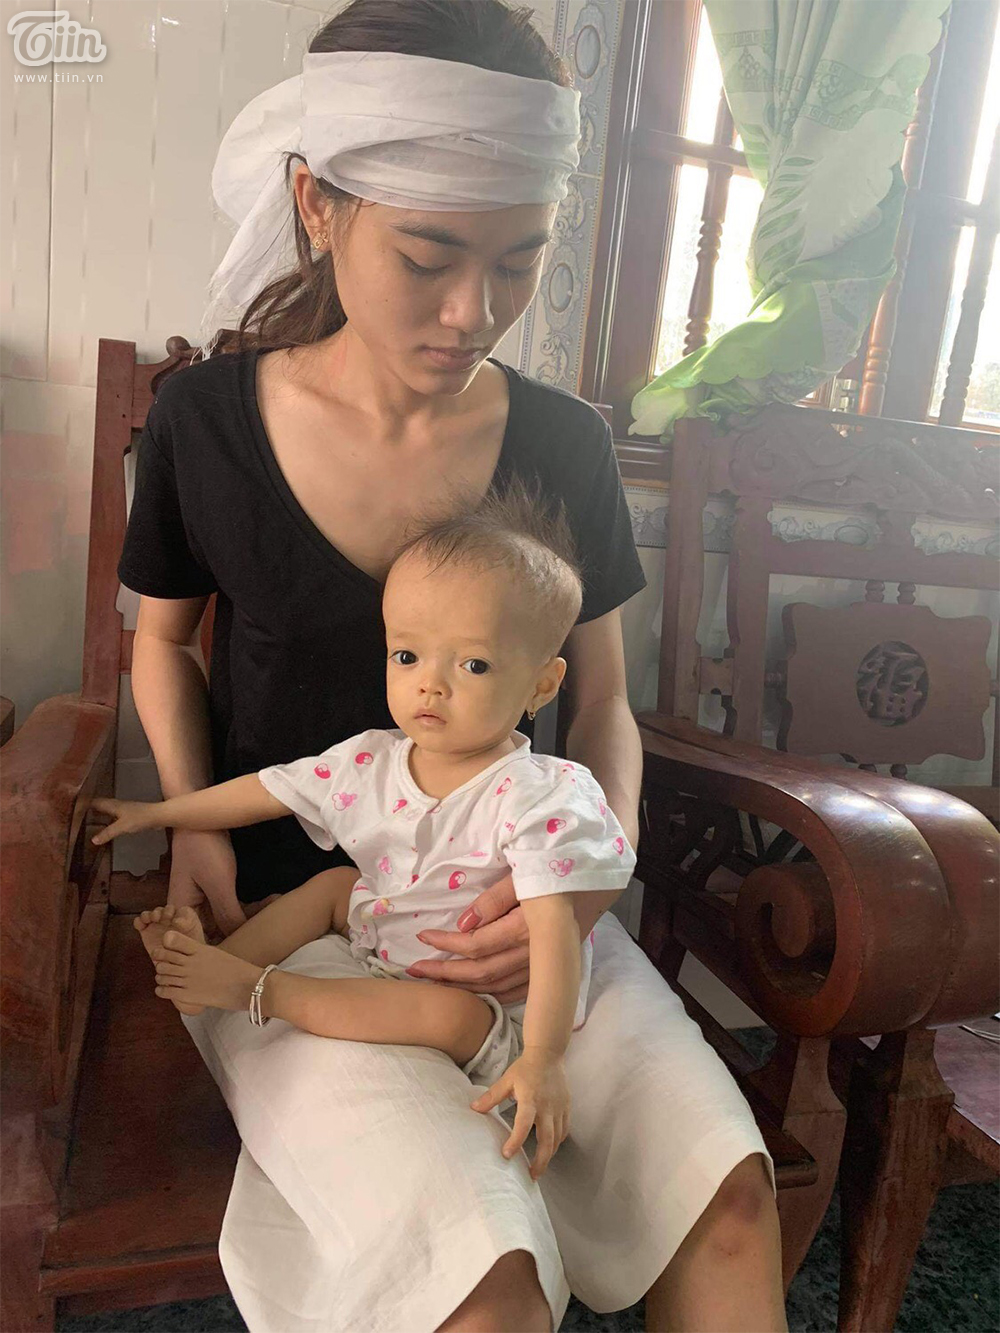 Chị Quỳnh và con gái 2 tuổi mắc bệnh xương thủy tinh